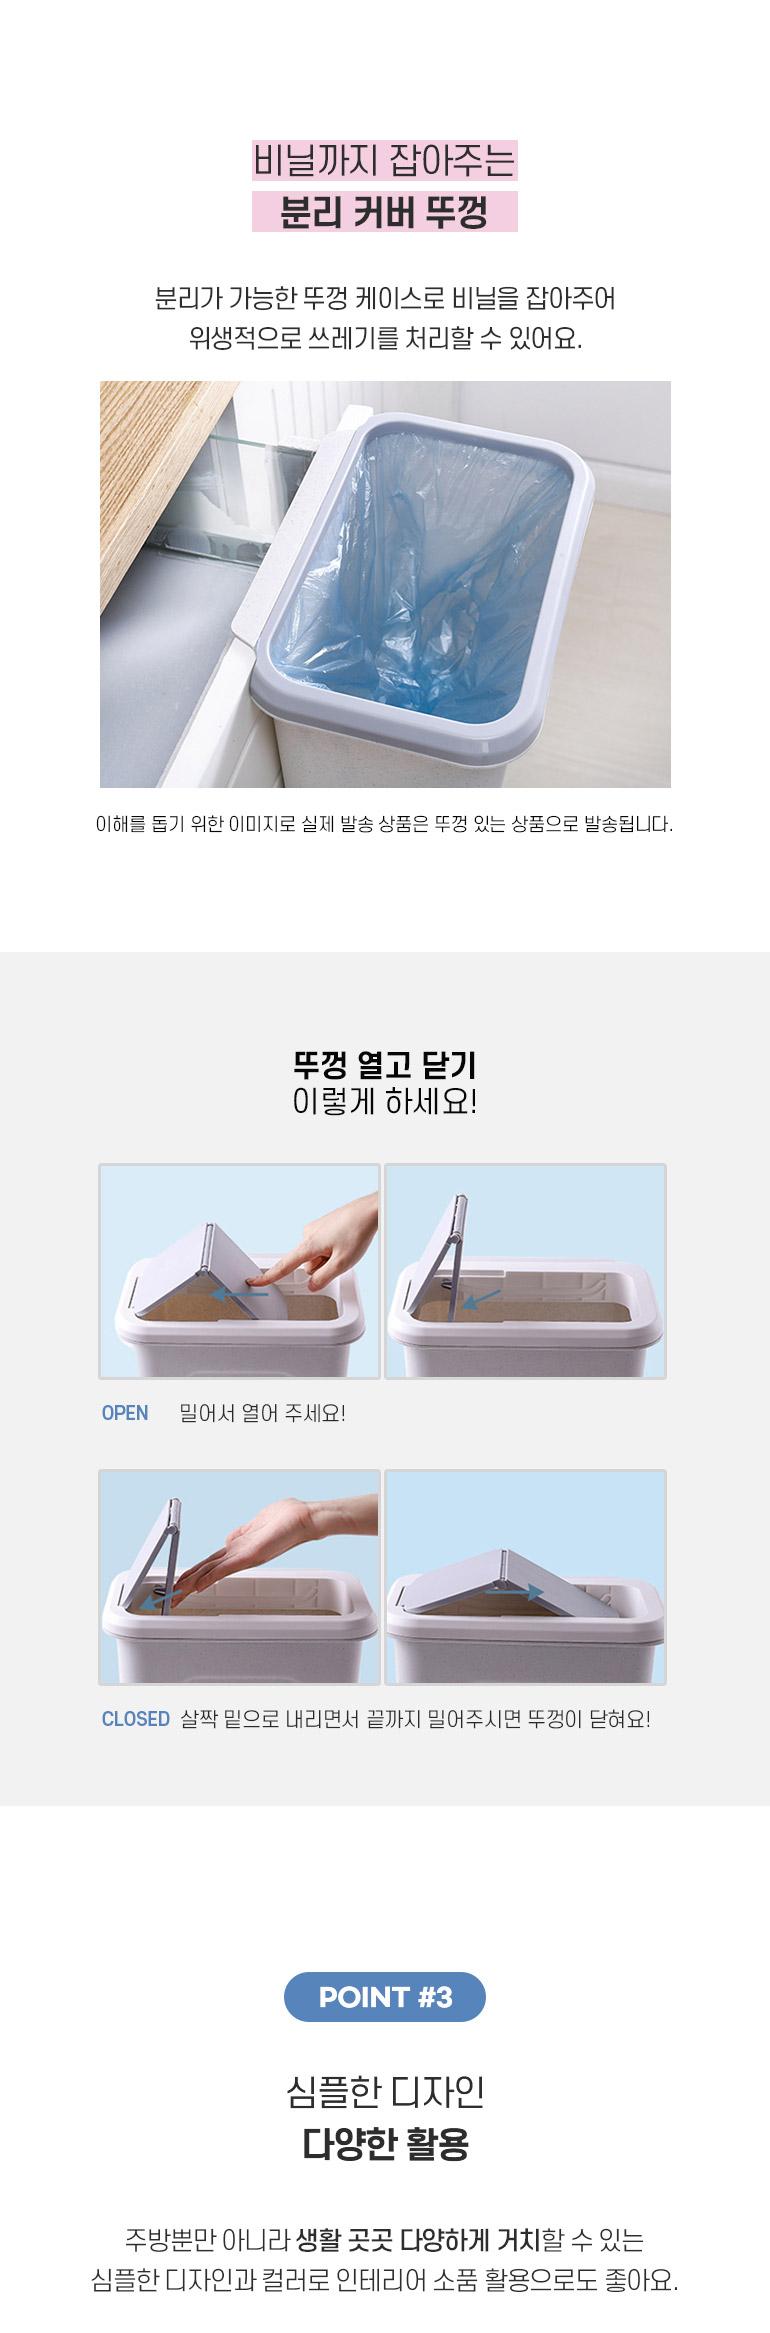 뚜껑있는 주방 싱크대 걸이형 휴지통 - 세일덕, 8,500원, 휴지통, 휴지통